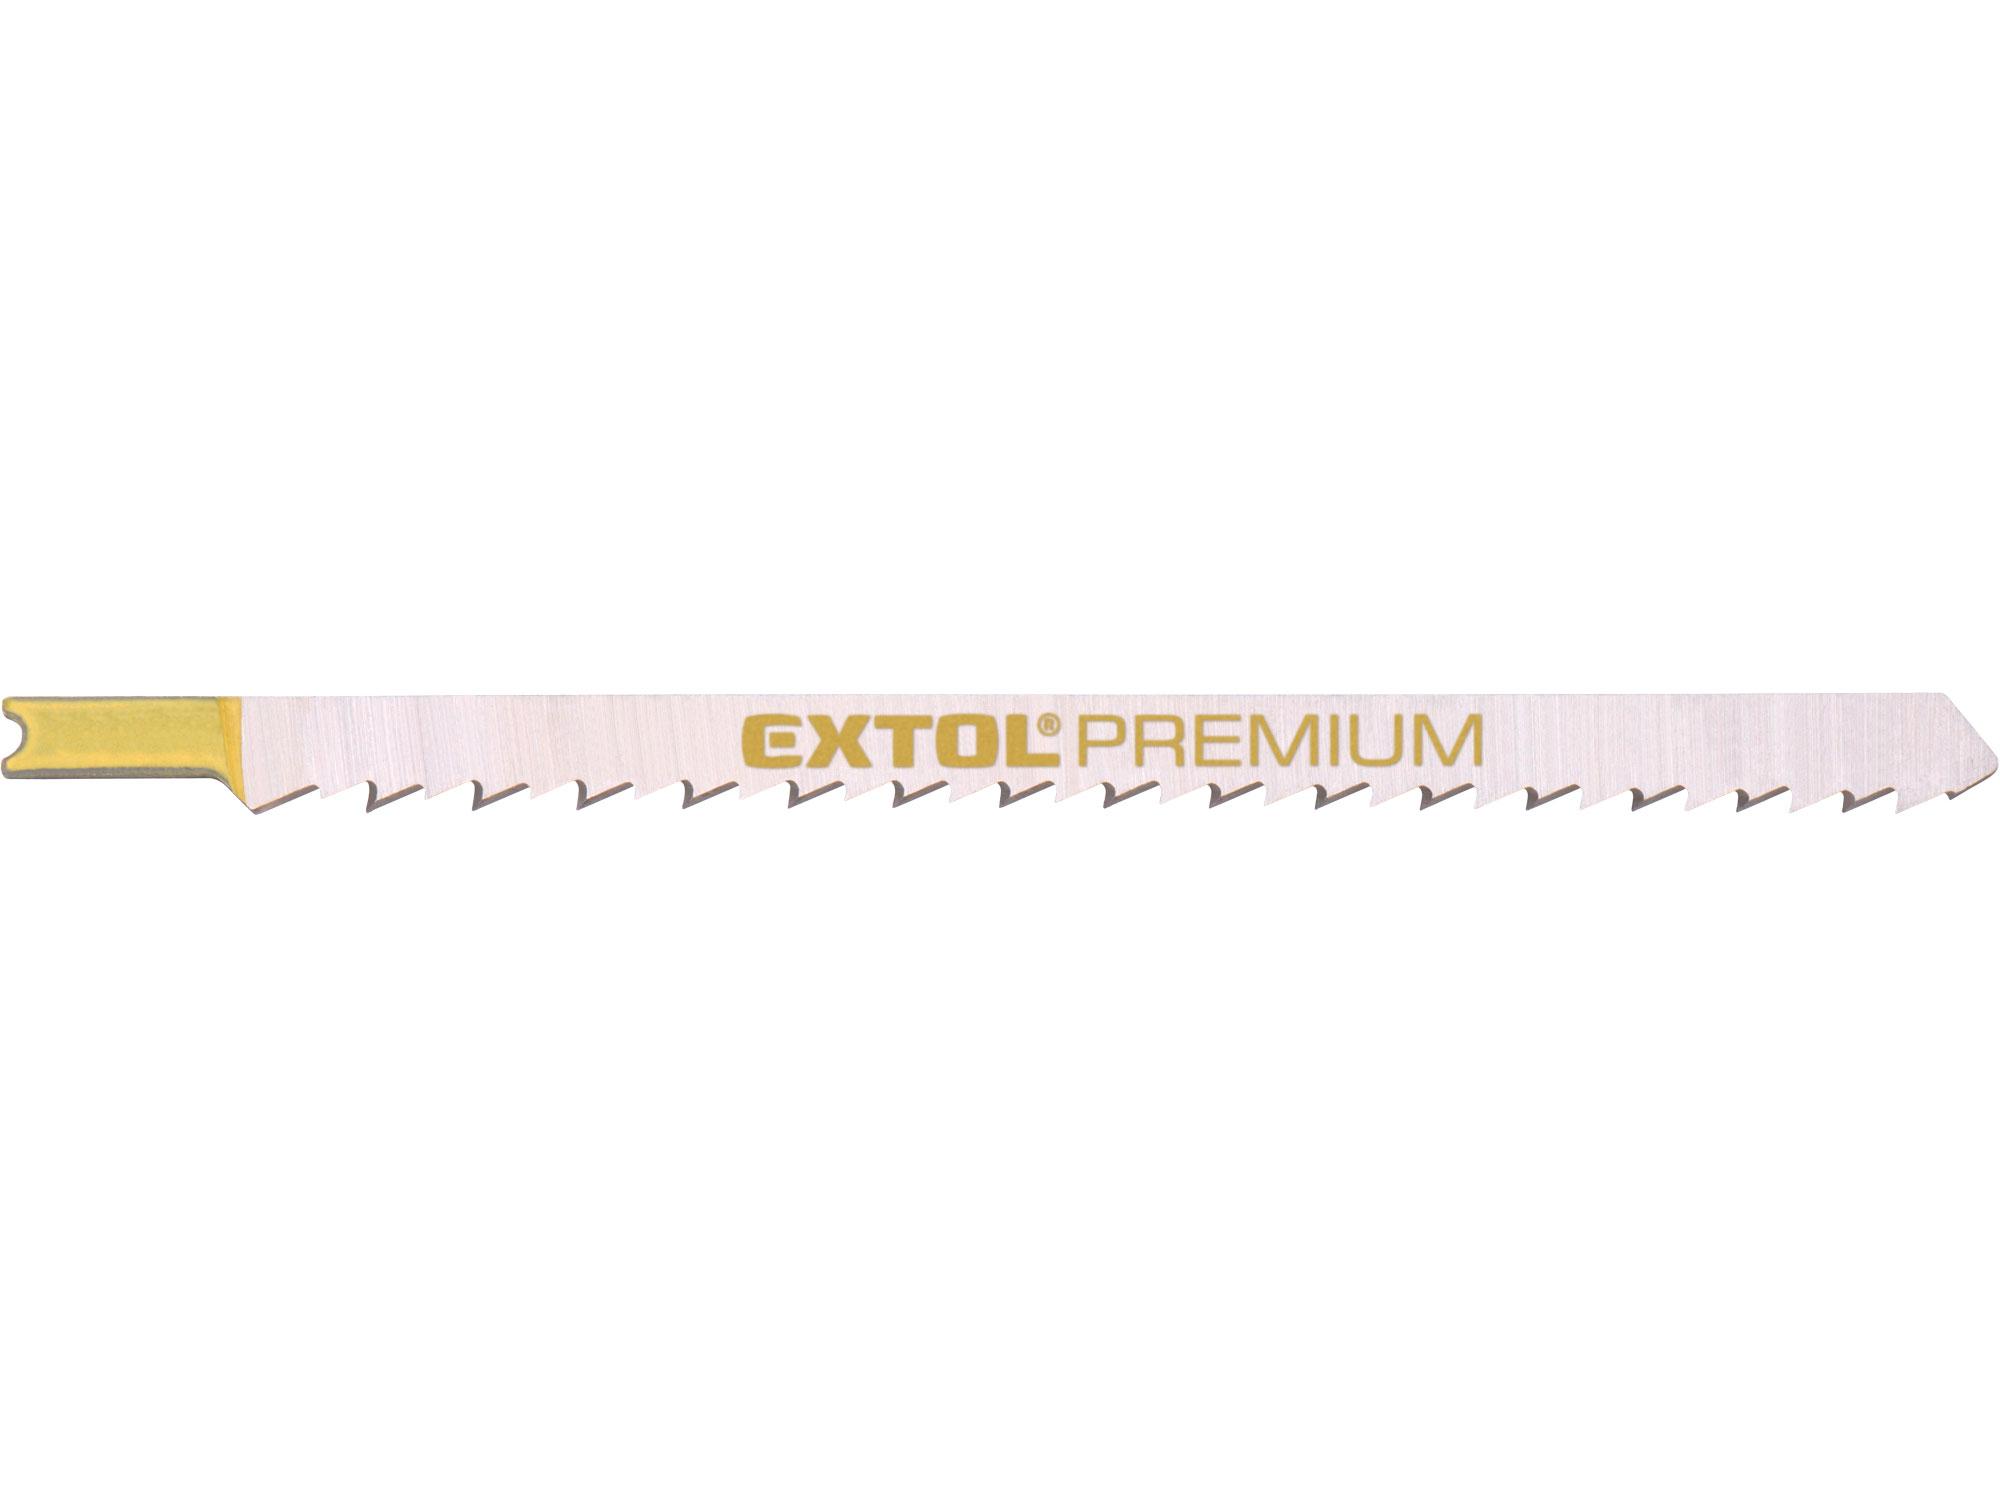 Plátky do přímočaré pily 5ks, 126x4,0mm, HCS EXTOL PREMIUM 8805512